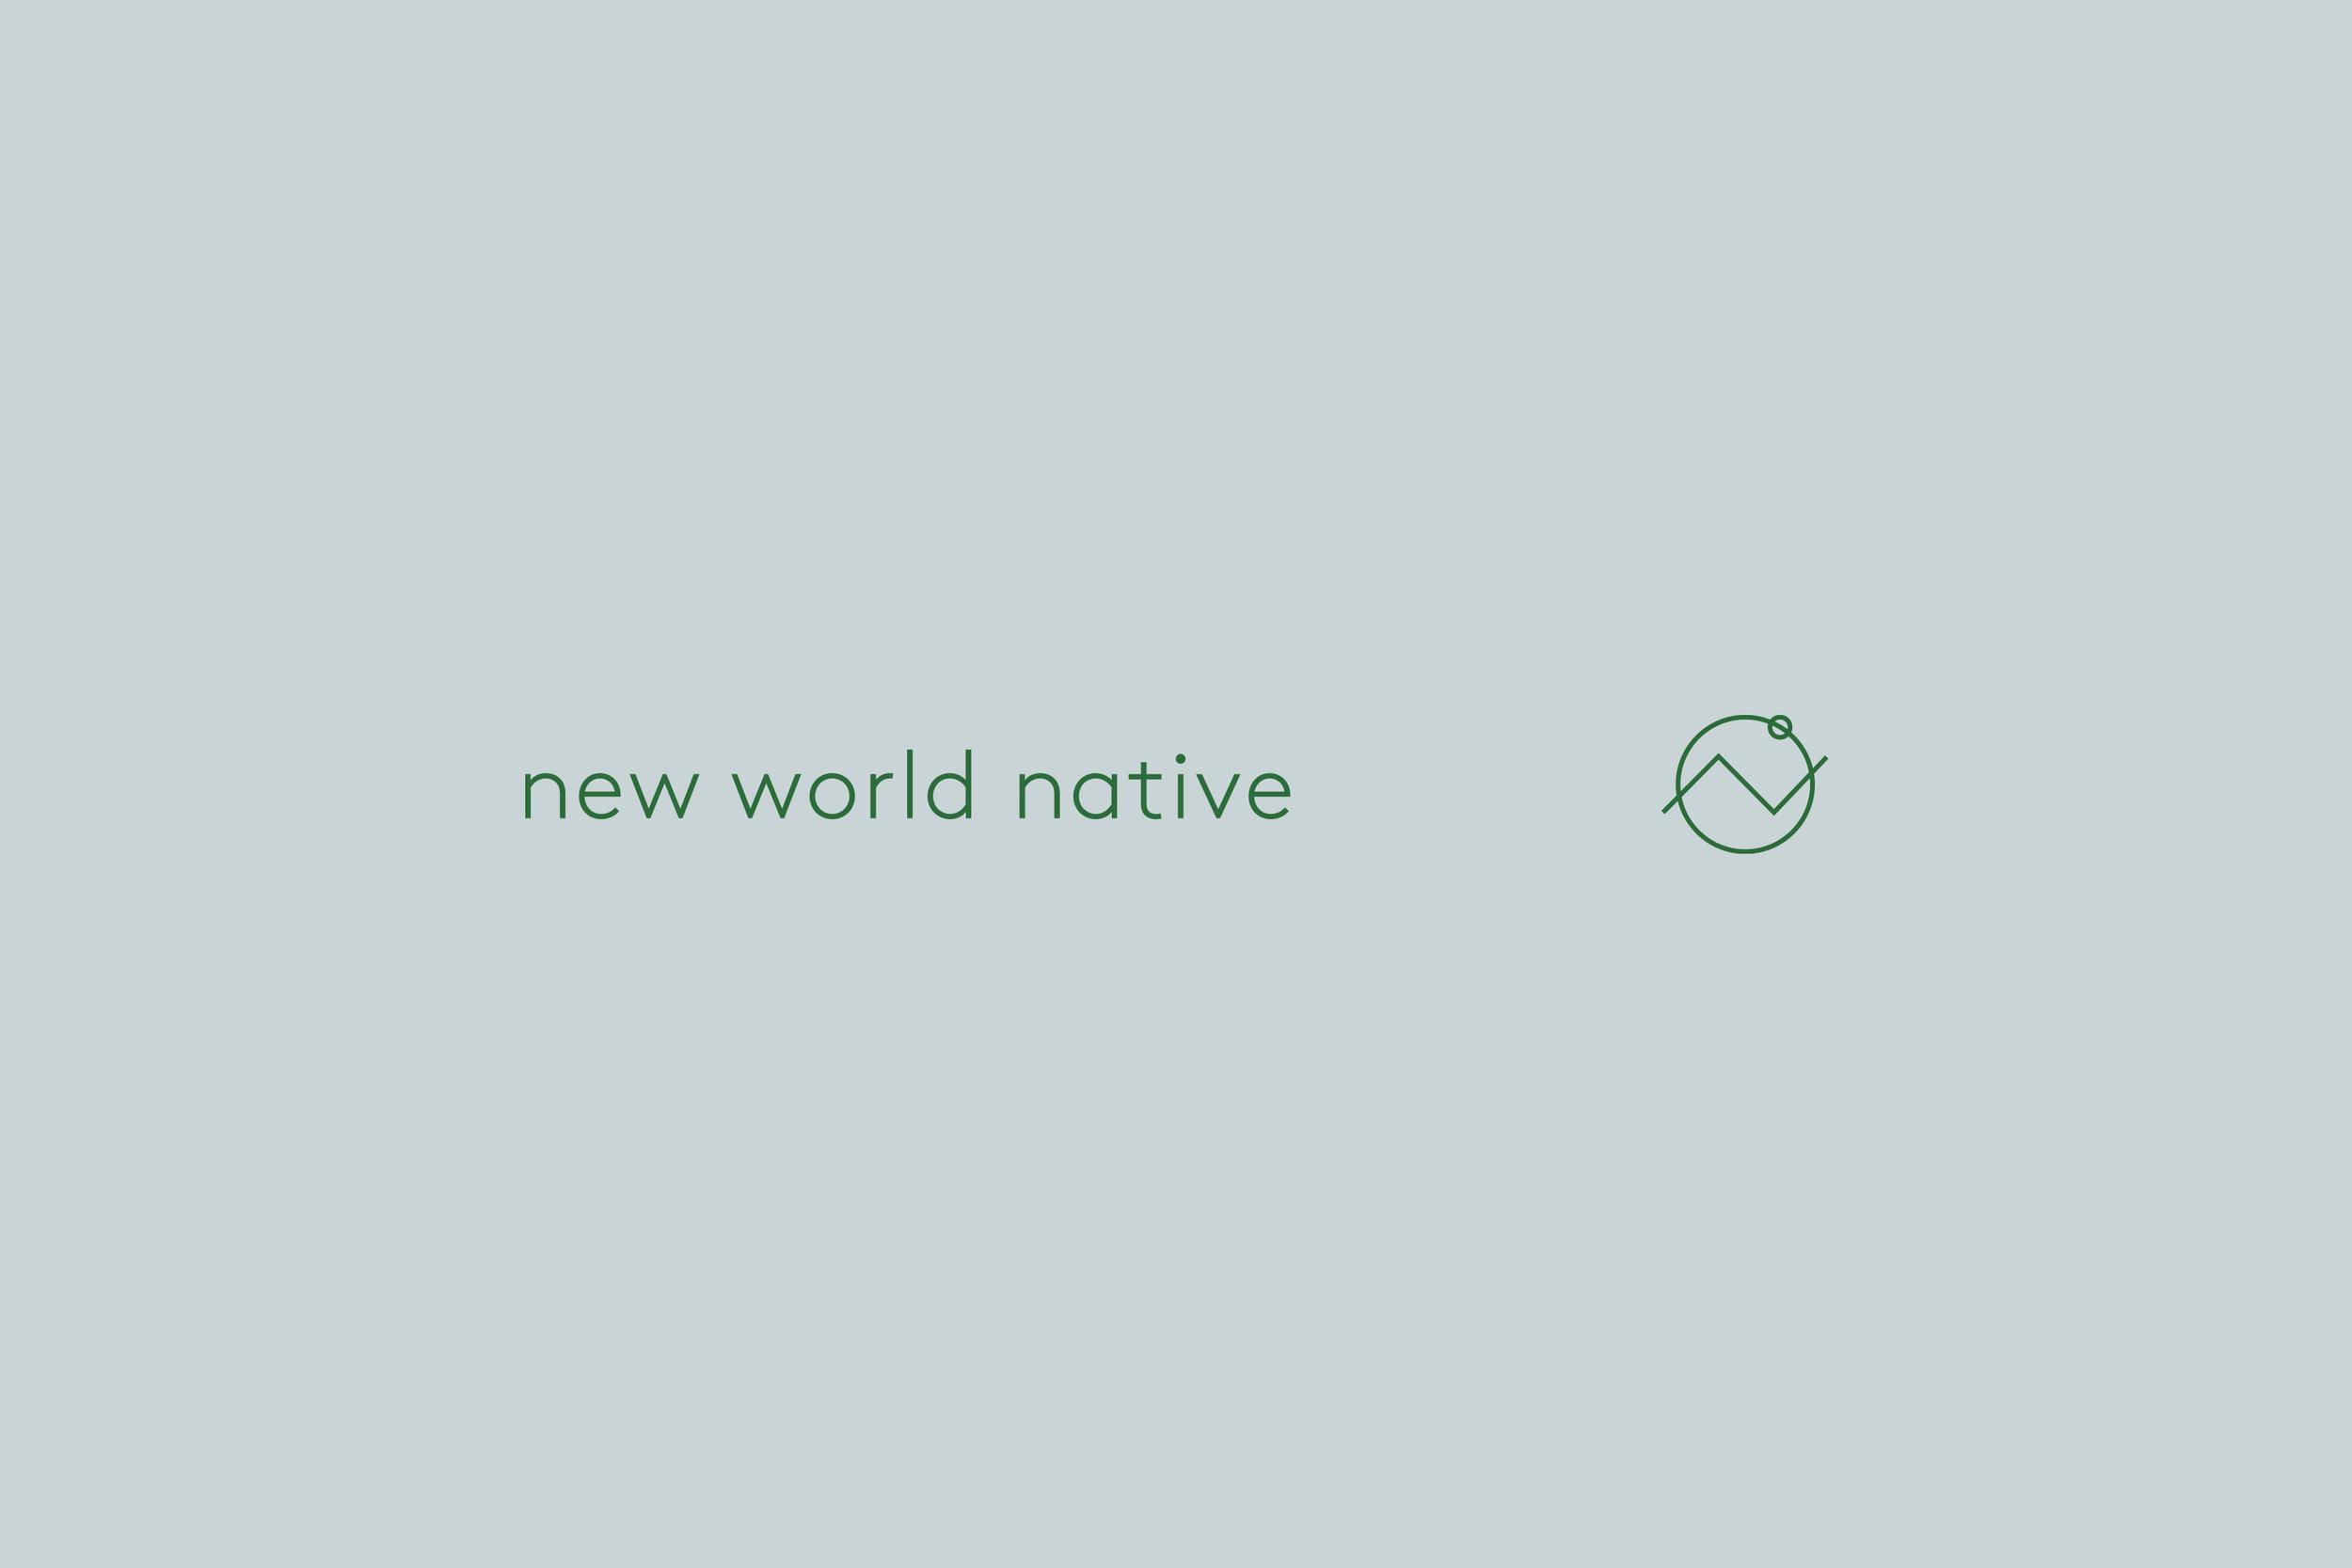 nwnRefresh_Folio_logo2.jpg